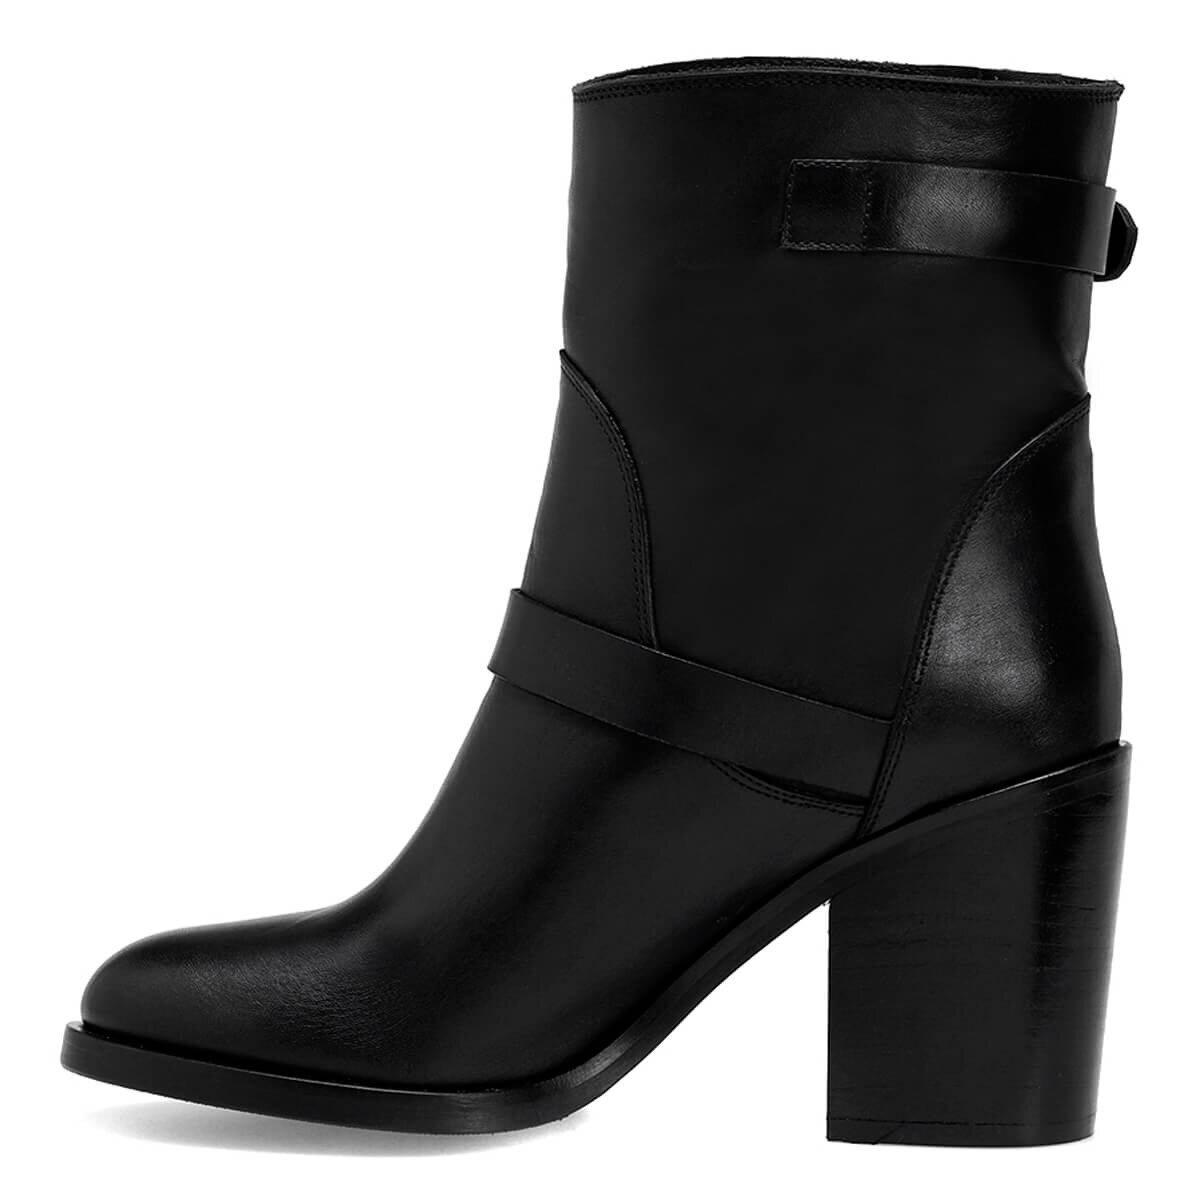 CERA2 Siyah Kadın Topuklu Bot